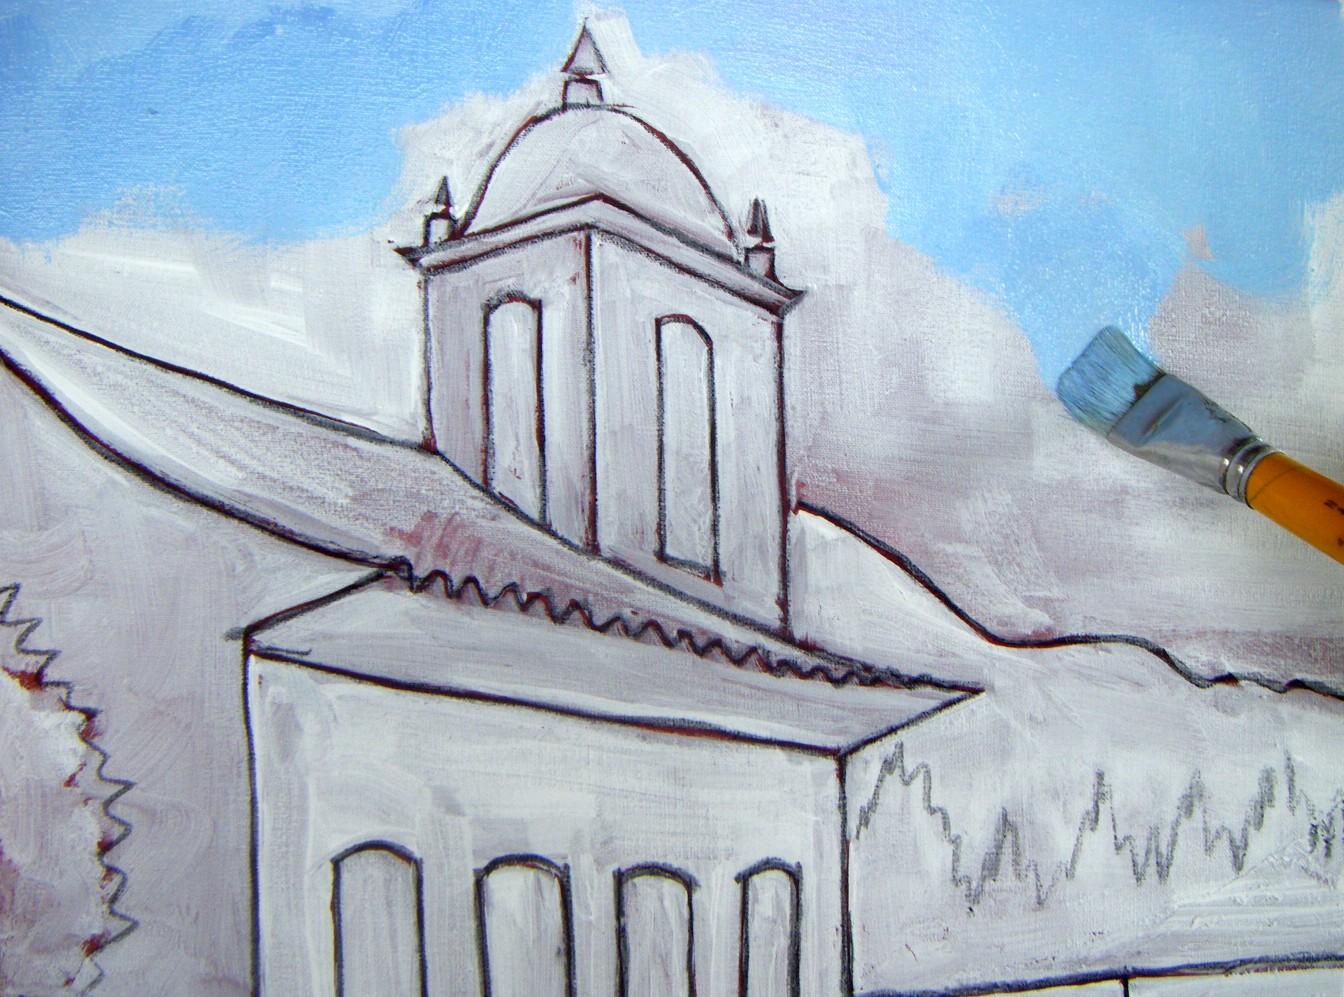 Pintando em tela pintando um casario passo a passo - Pinturas para pintar tela ...